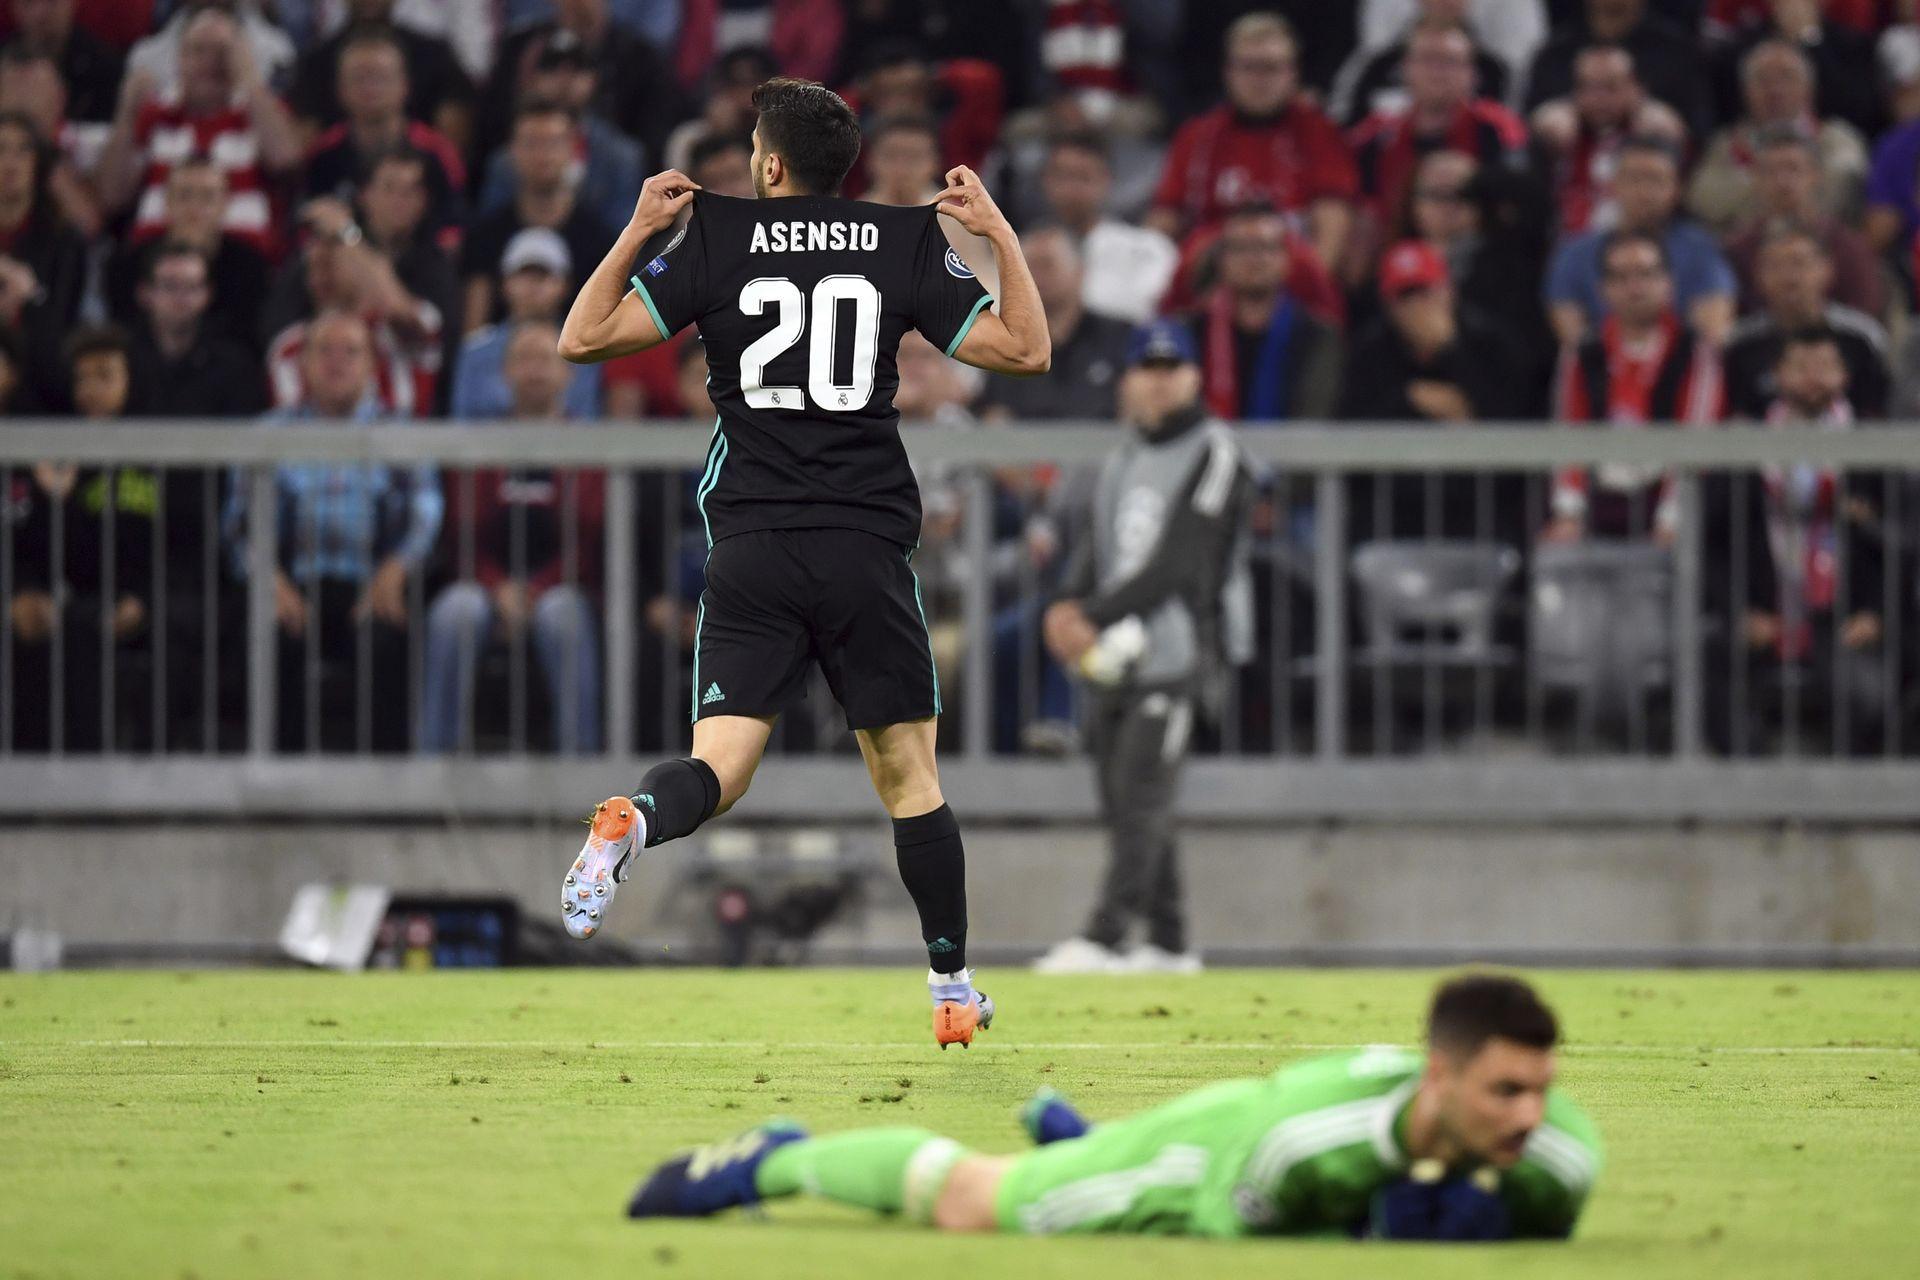 Асенсио е жокерът - донесе победата с гола си след контраатака. Снимка БТА